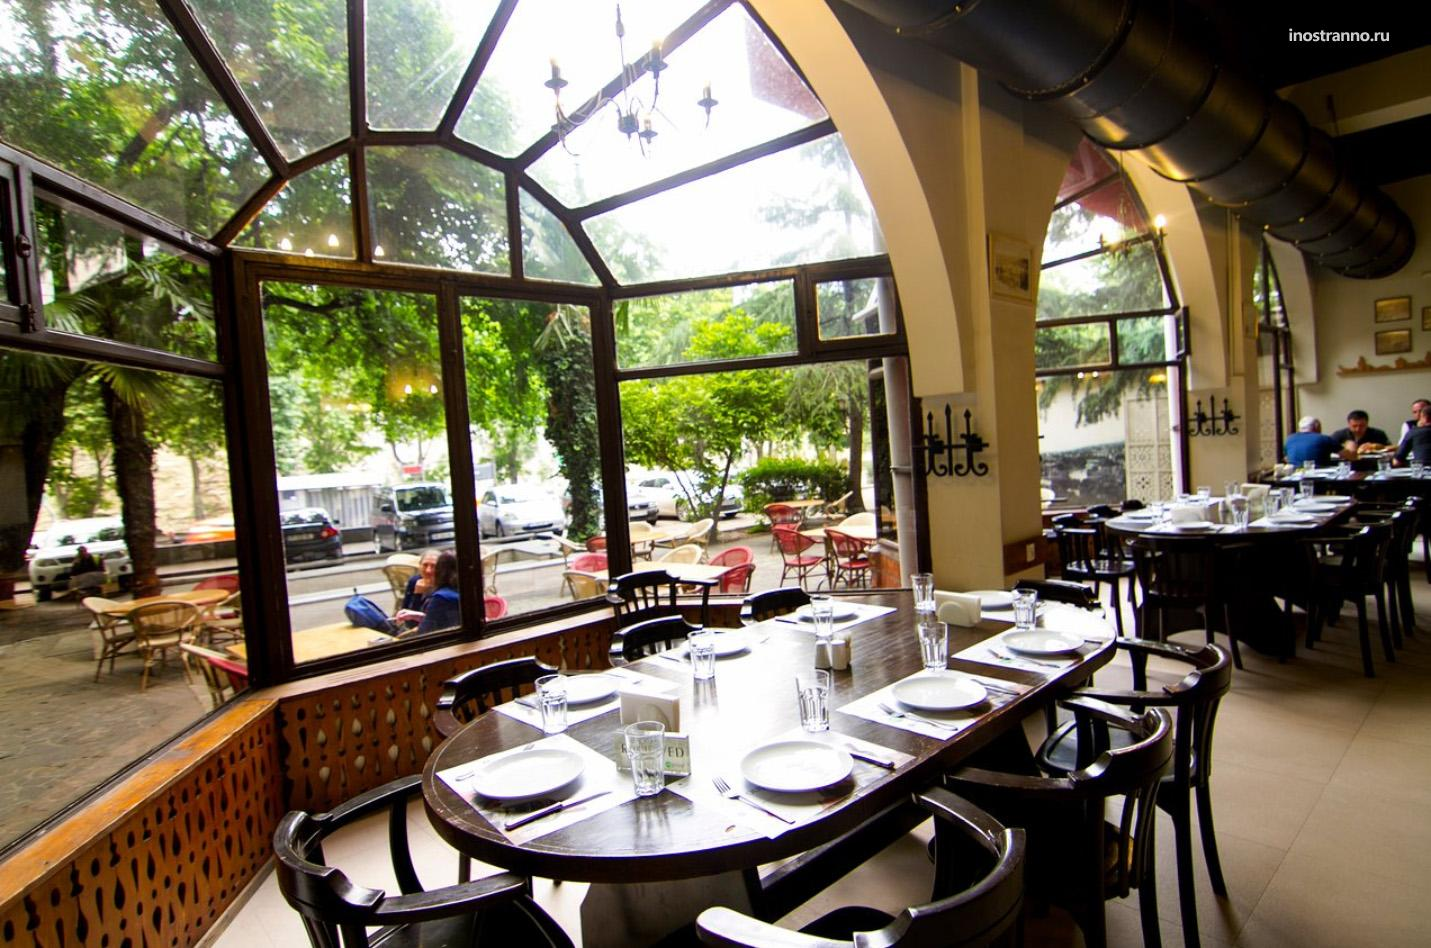 Ресторан в Тбилиси Маспиндзело с живой музыкой